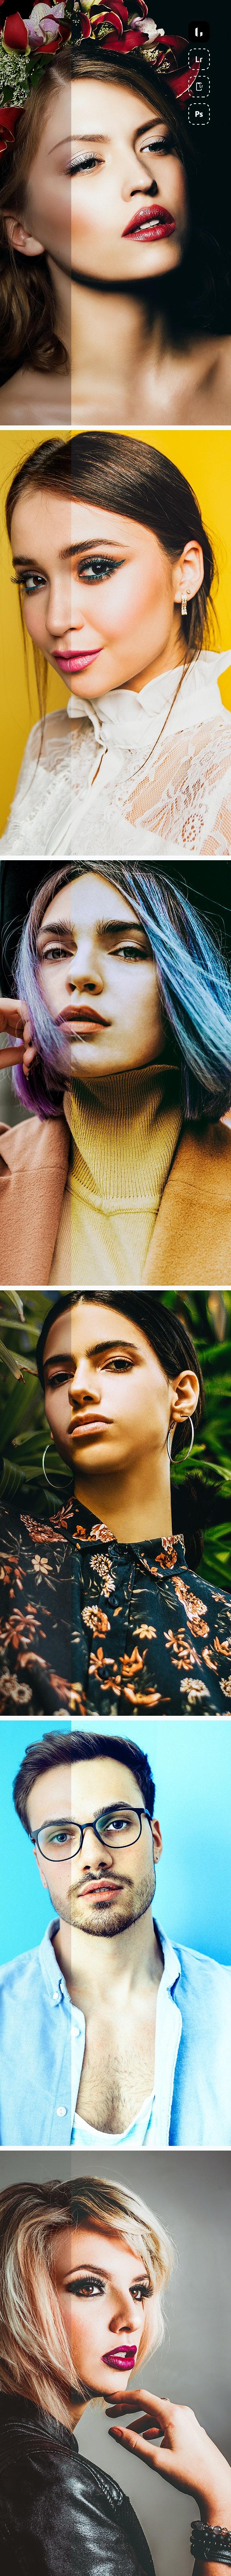 10 Portrait Profiles & Presets - Portrait Lightroom Presets